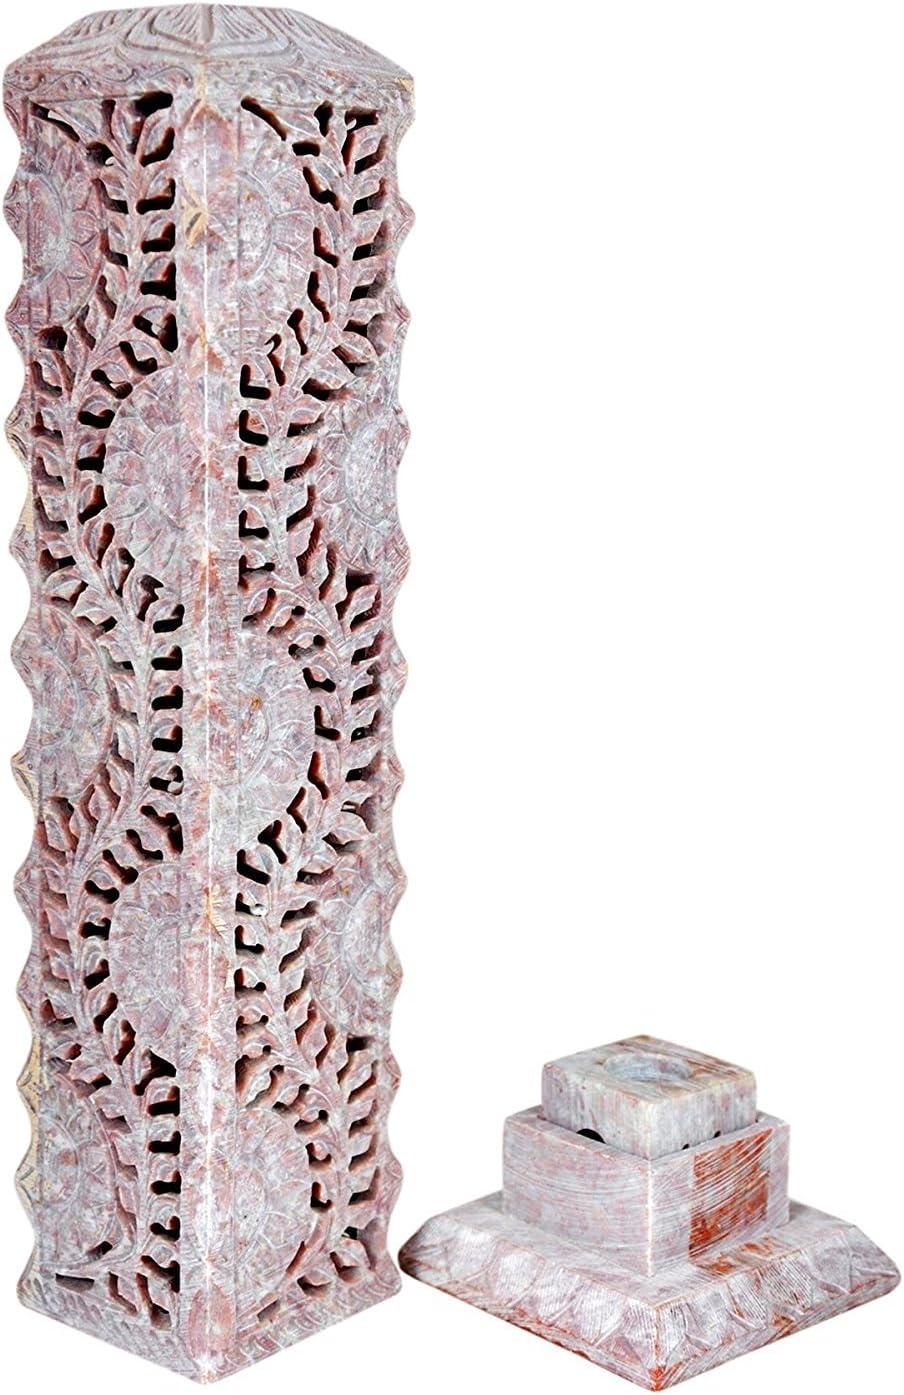 Bougeoir d/écoratif fabriqu/é /à partir de en st/éatite avec Floral Carving avec Support pour Home Decor Hashcart Photophore